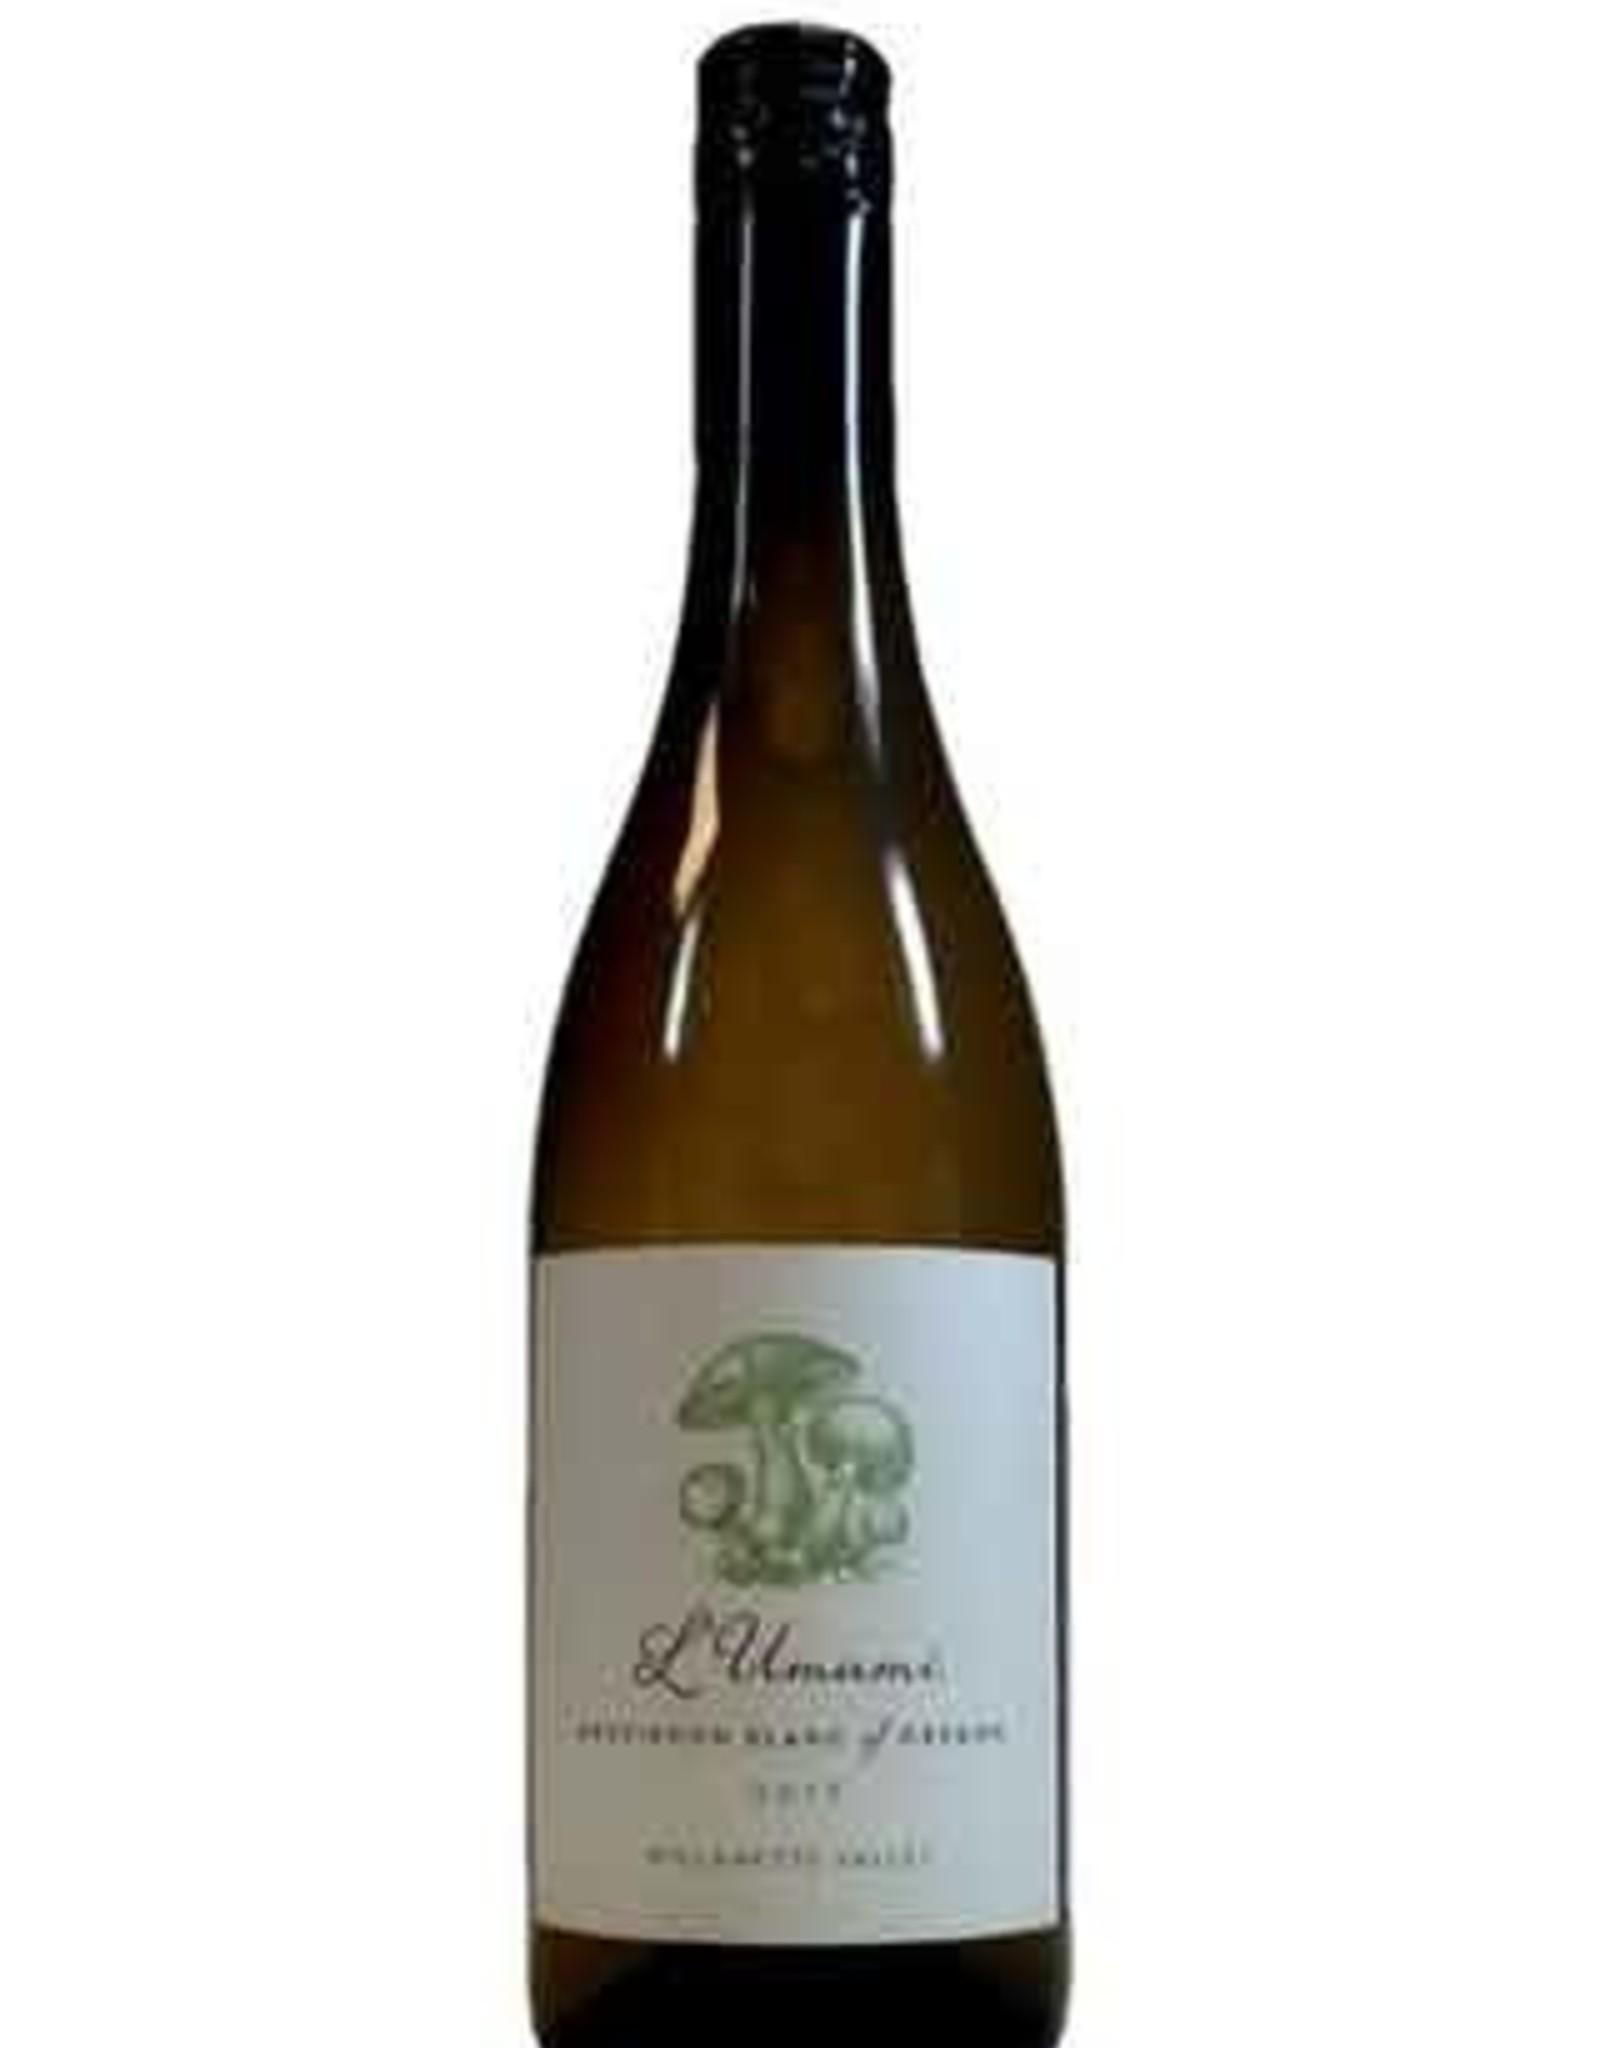 Wine-White Sauvignon Blanc, Willamette, L'Umami 2018